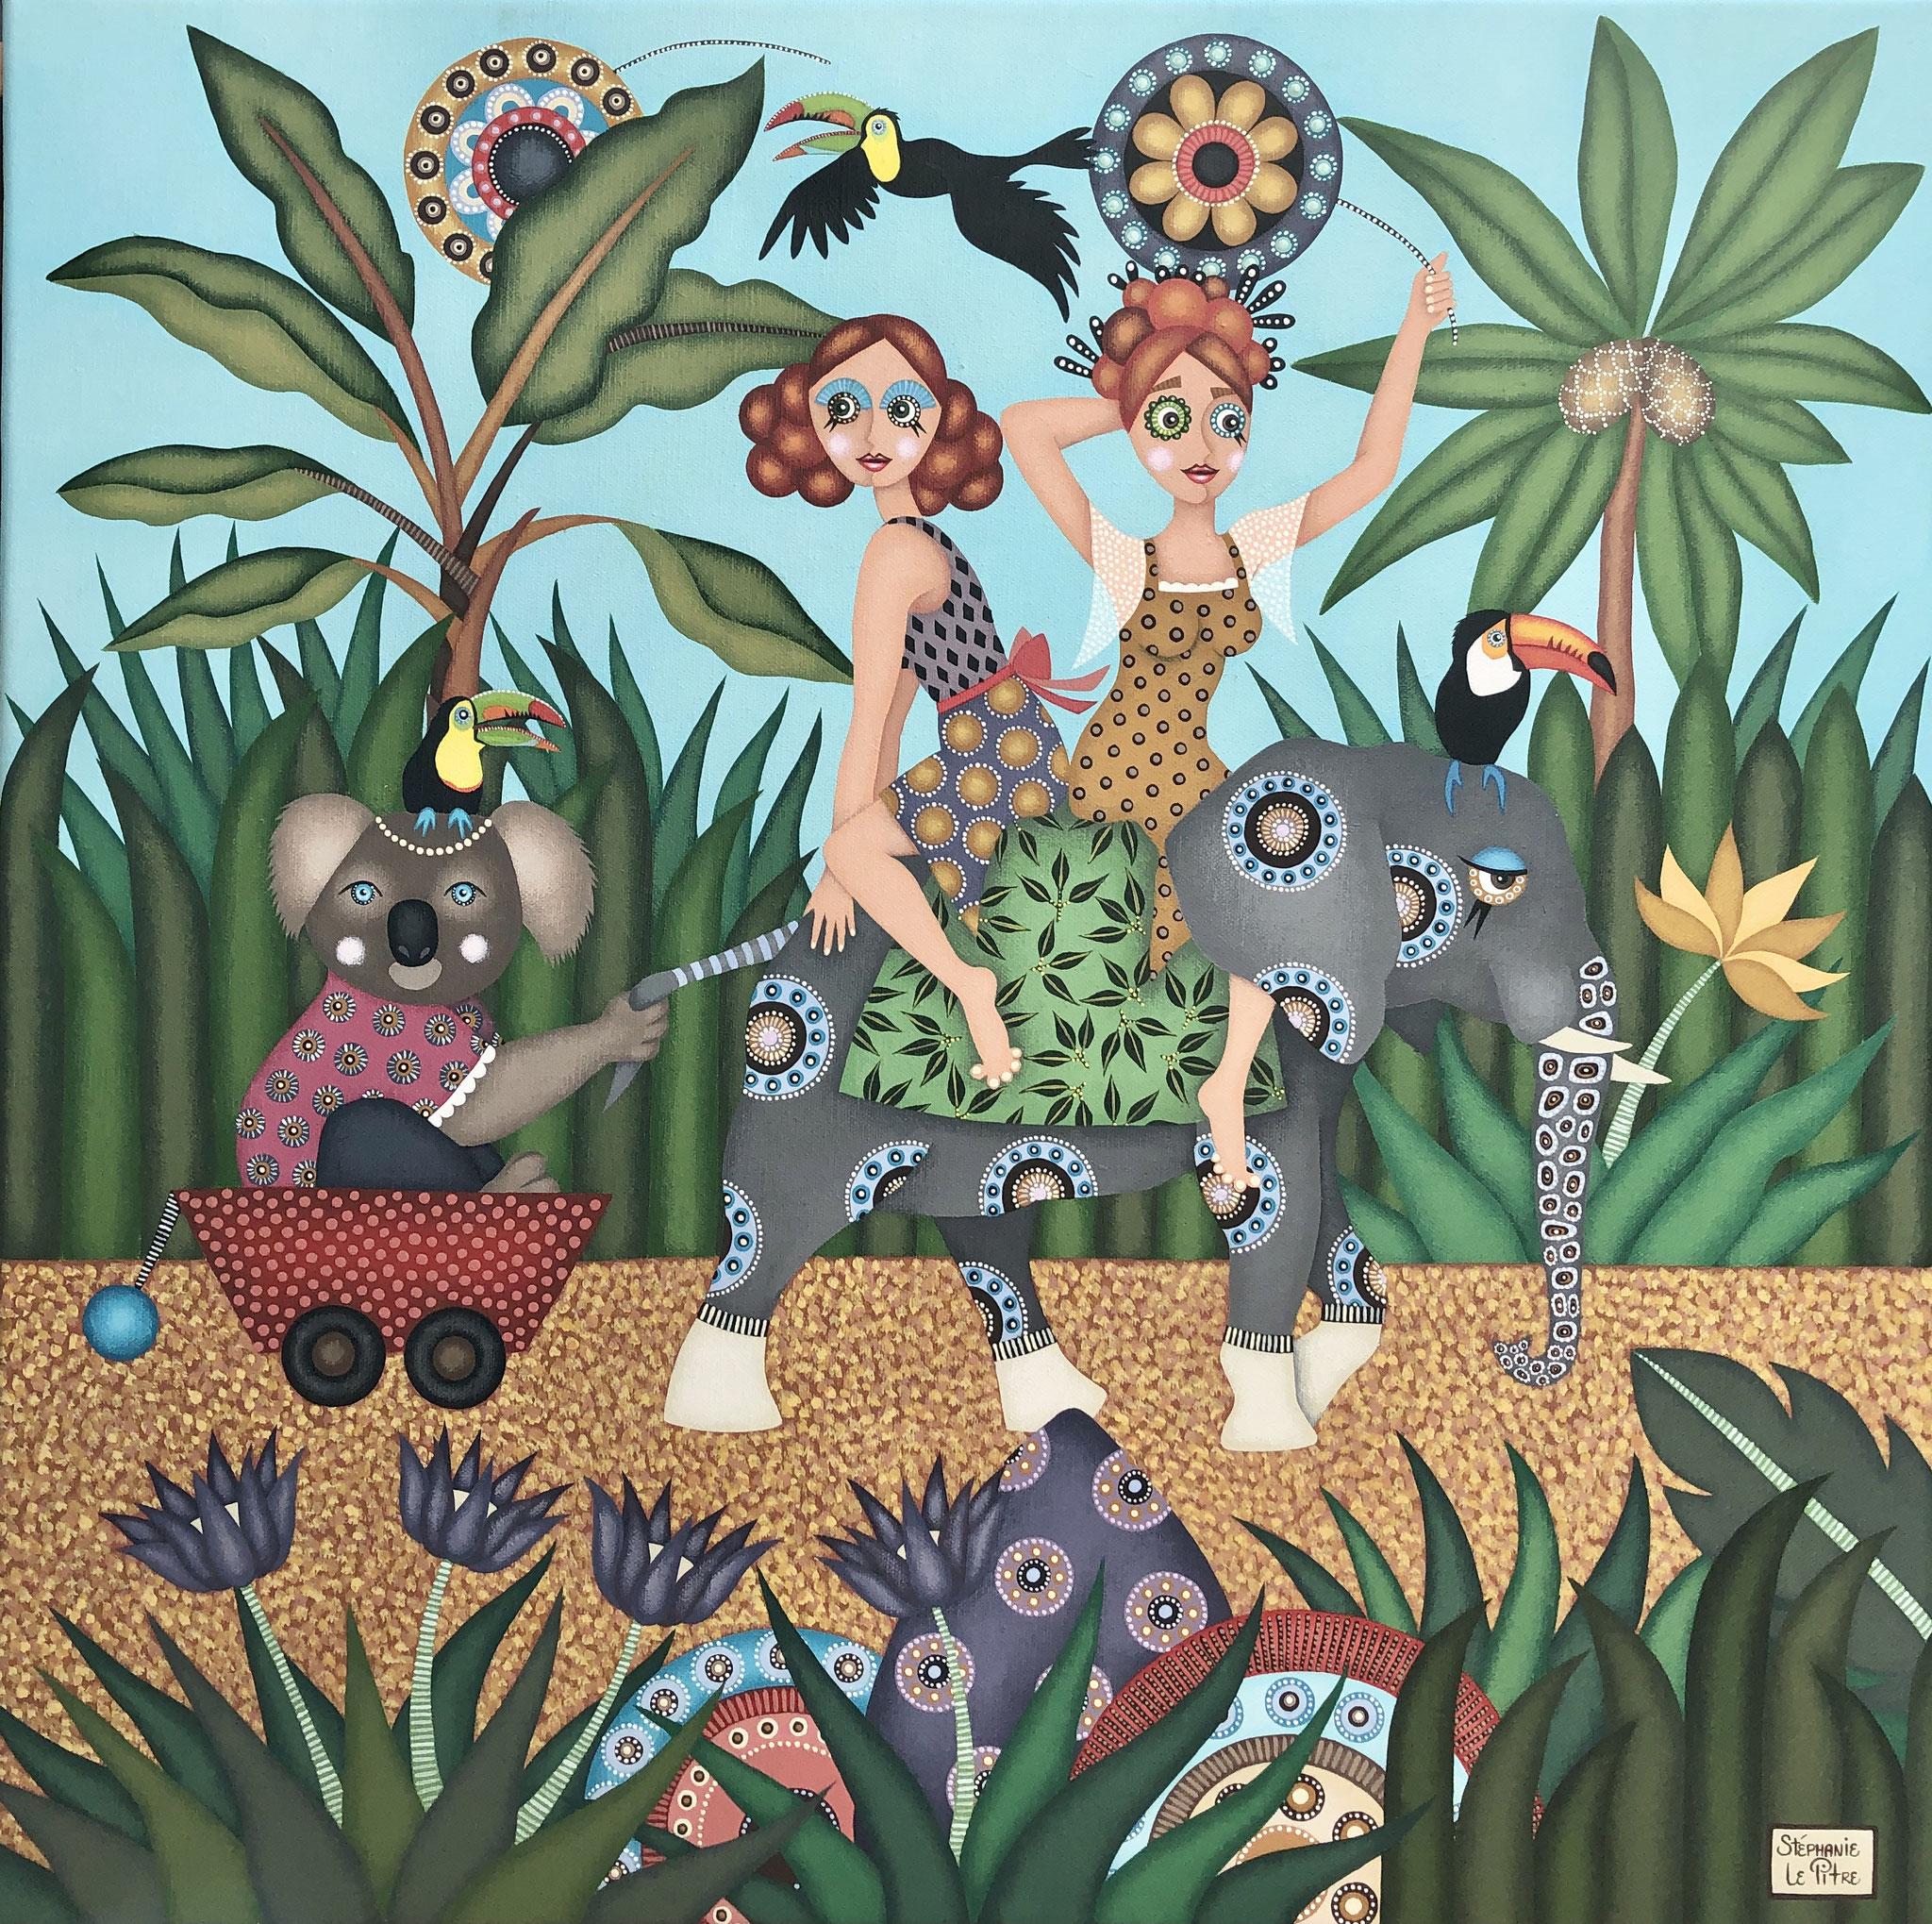 La Balade du Koala (60 x 60)